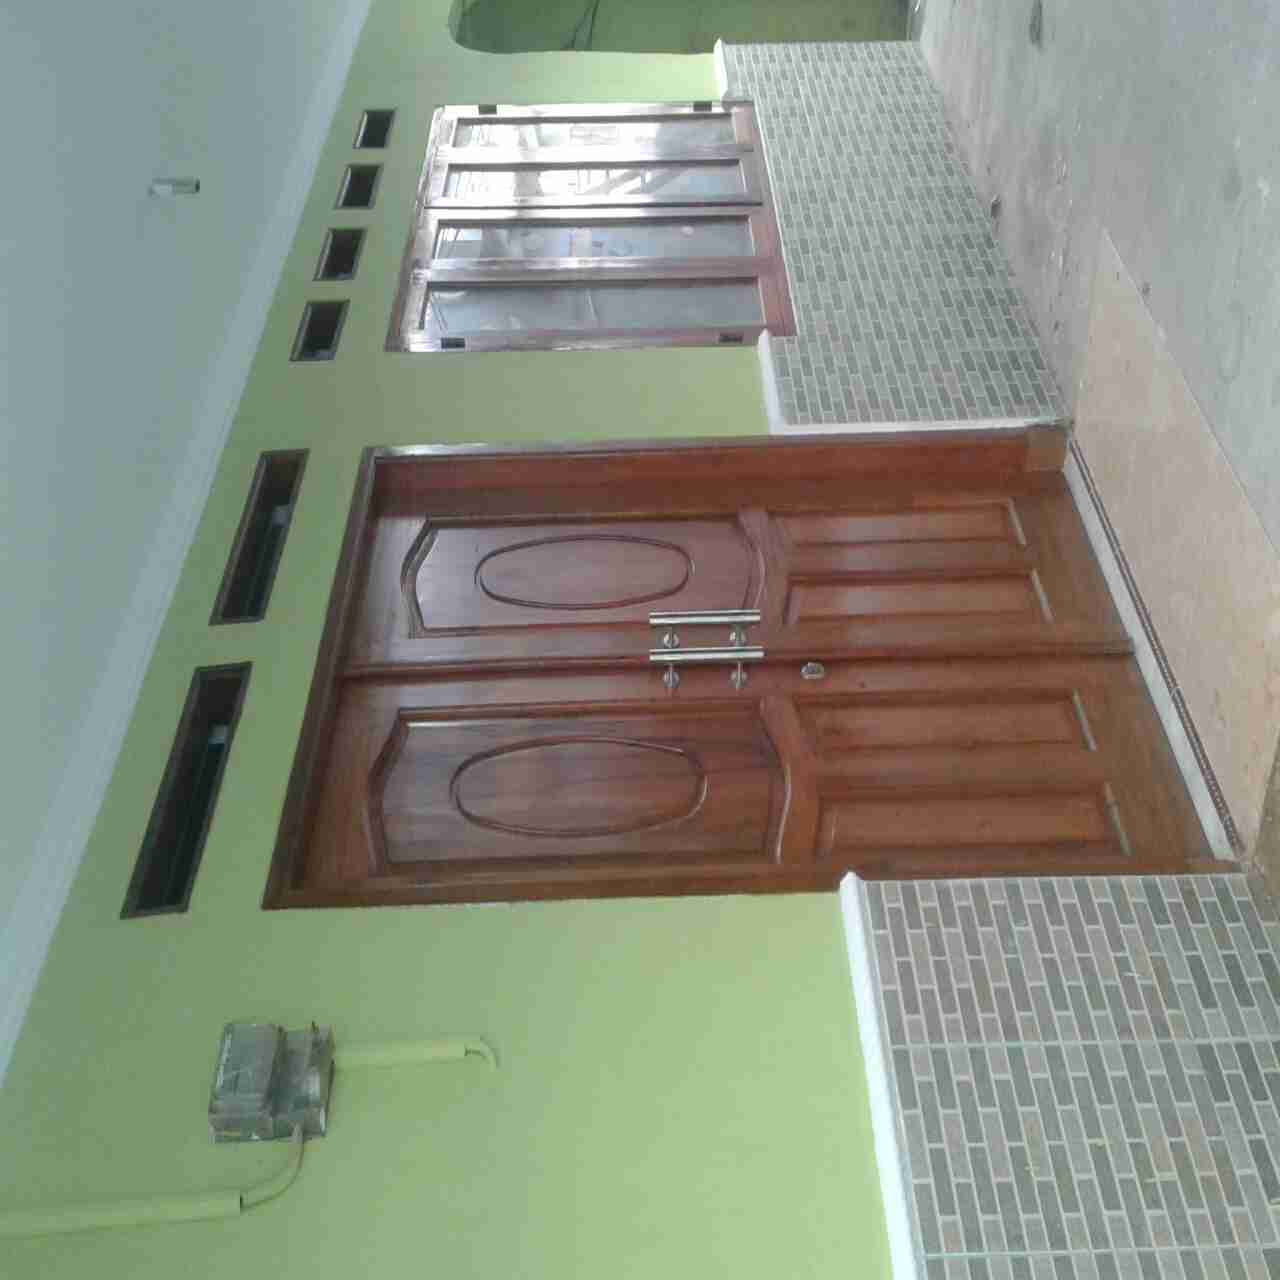 rumah di kontrkan perthun